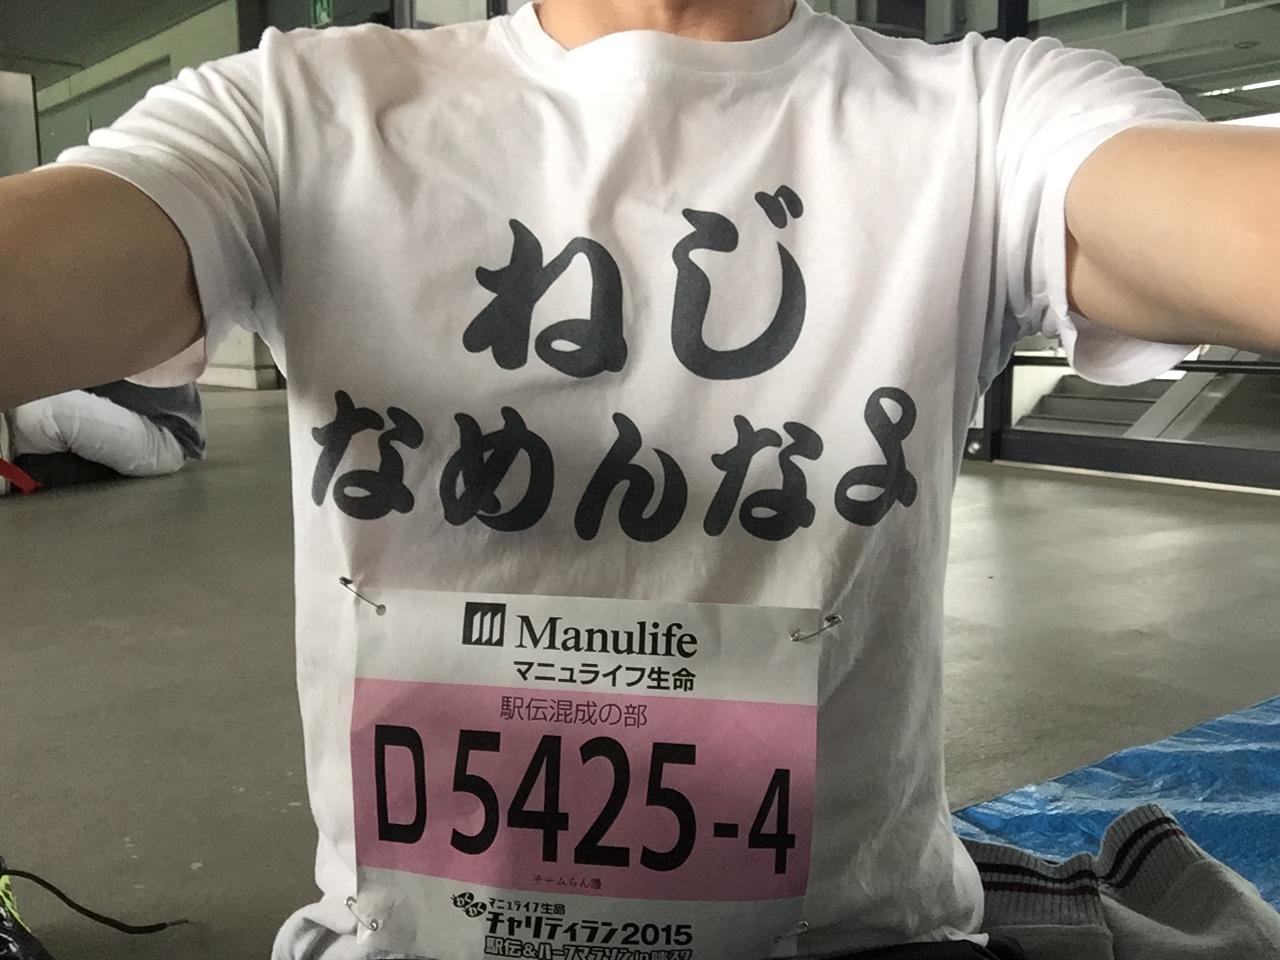 マニュライフ生命わくわくチャリティラン2015 駅伝&ハーフマラソン in 味スタ _e0061778_21455262.jpg